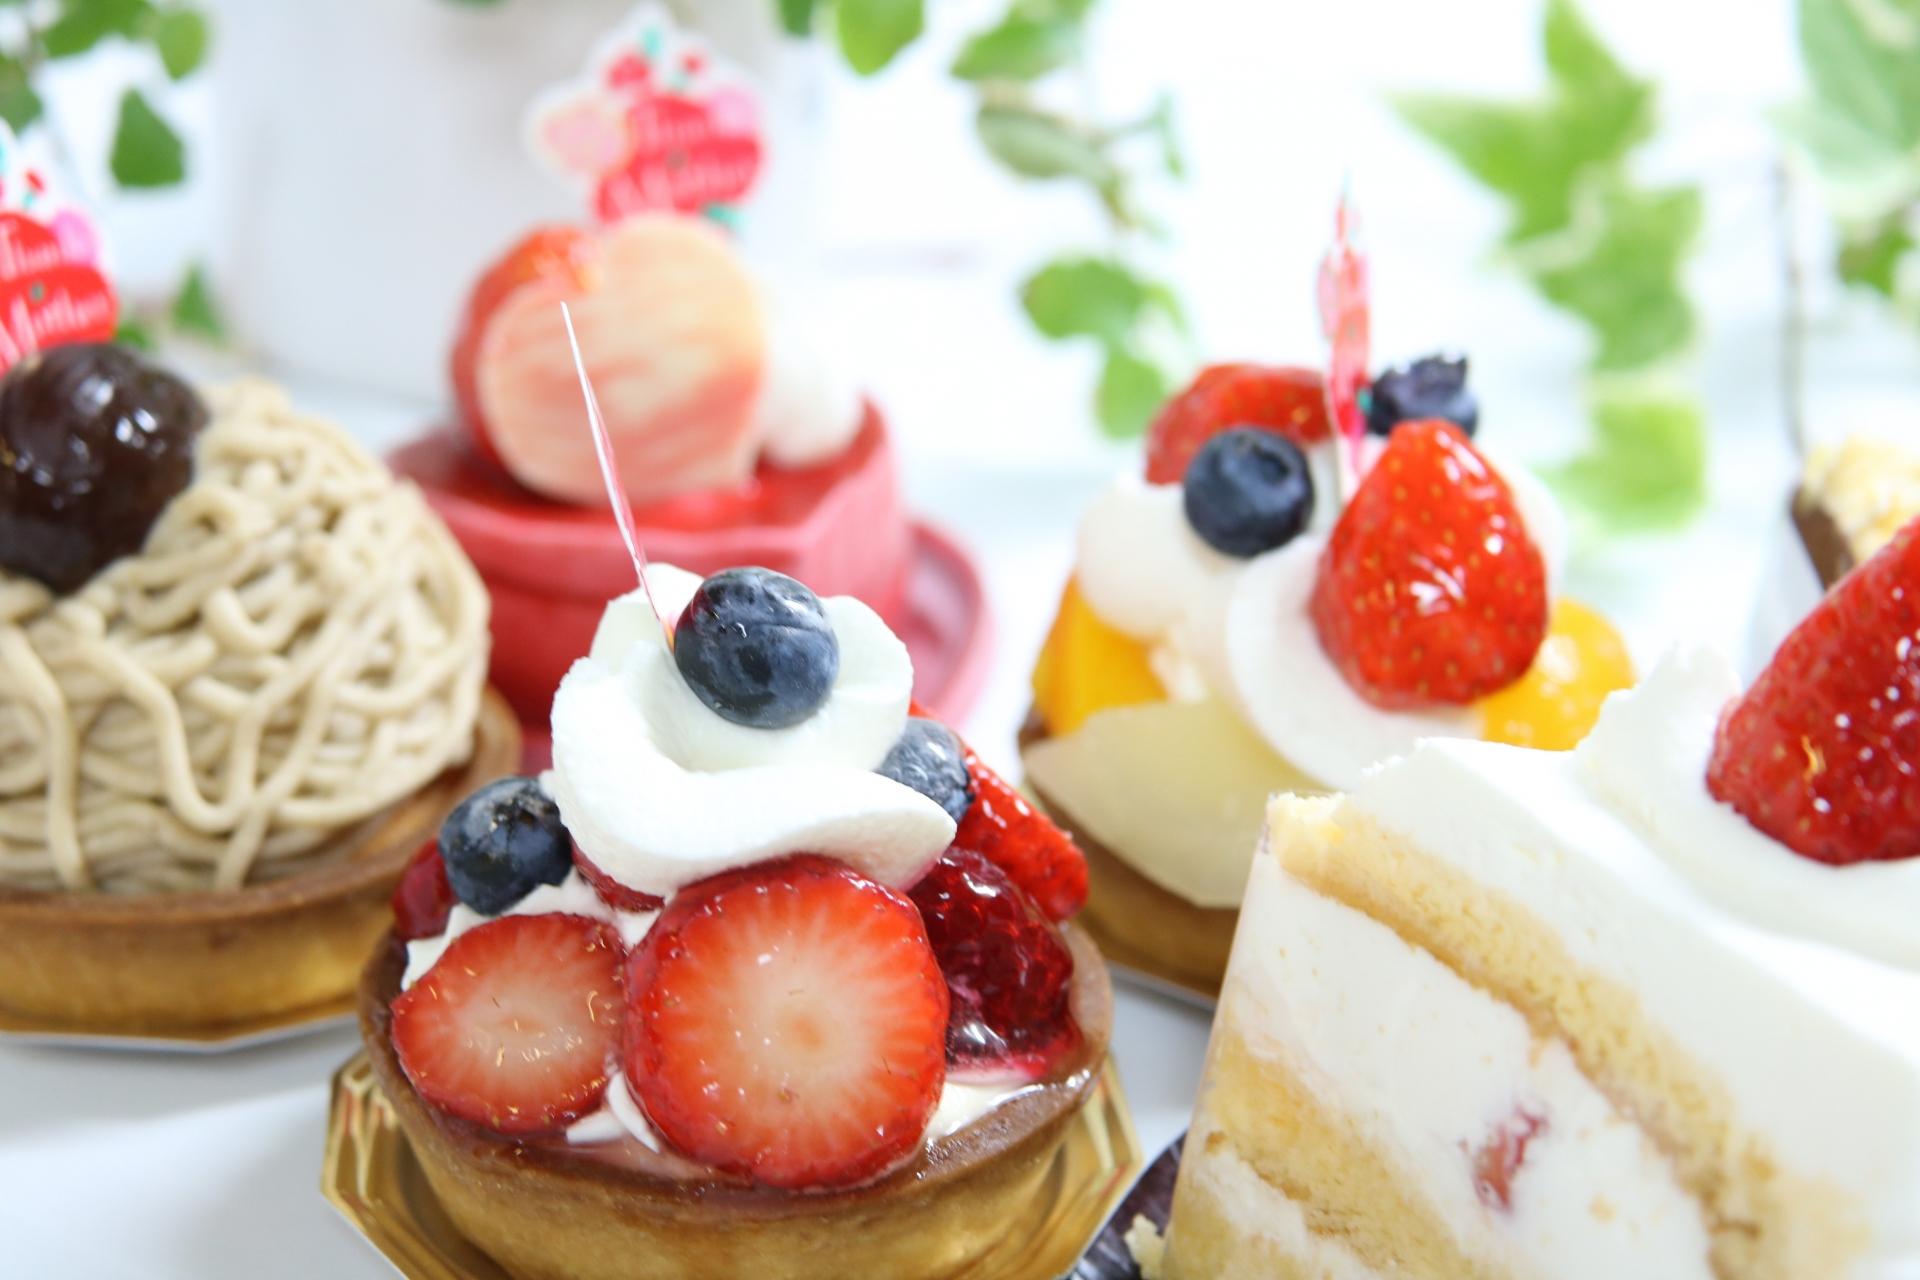 みなとみらいのスイーツが美味しいスポット11選!人気のカフェやケーキ屋は?